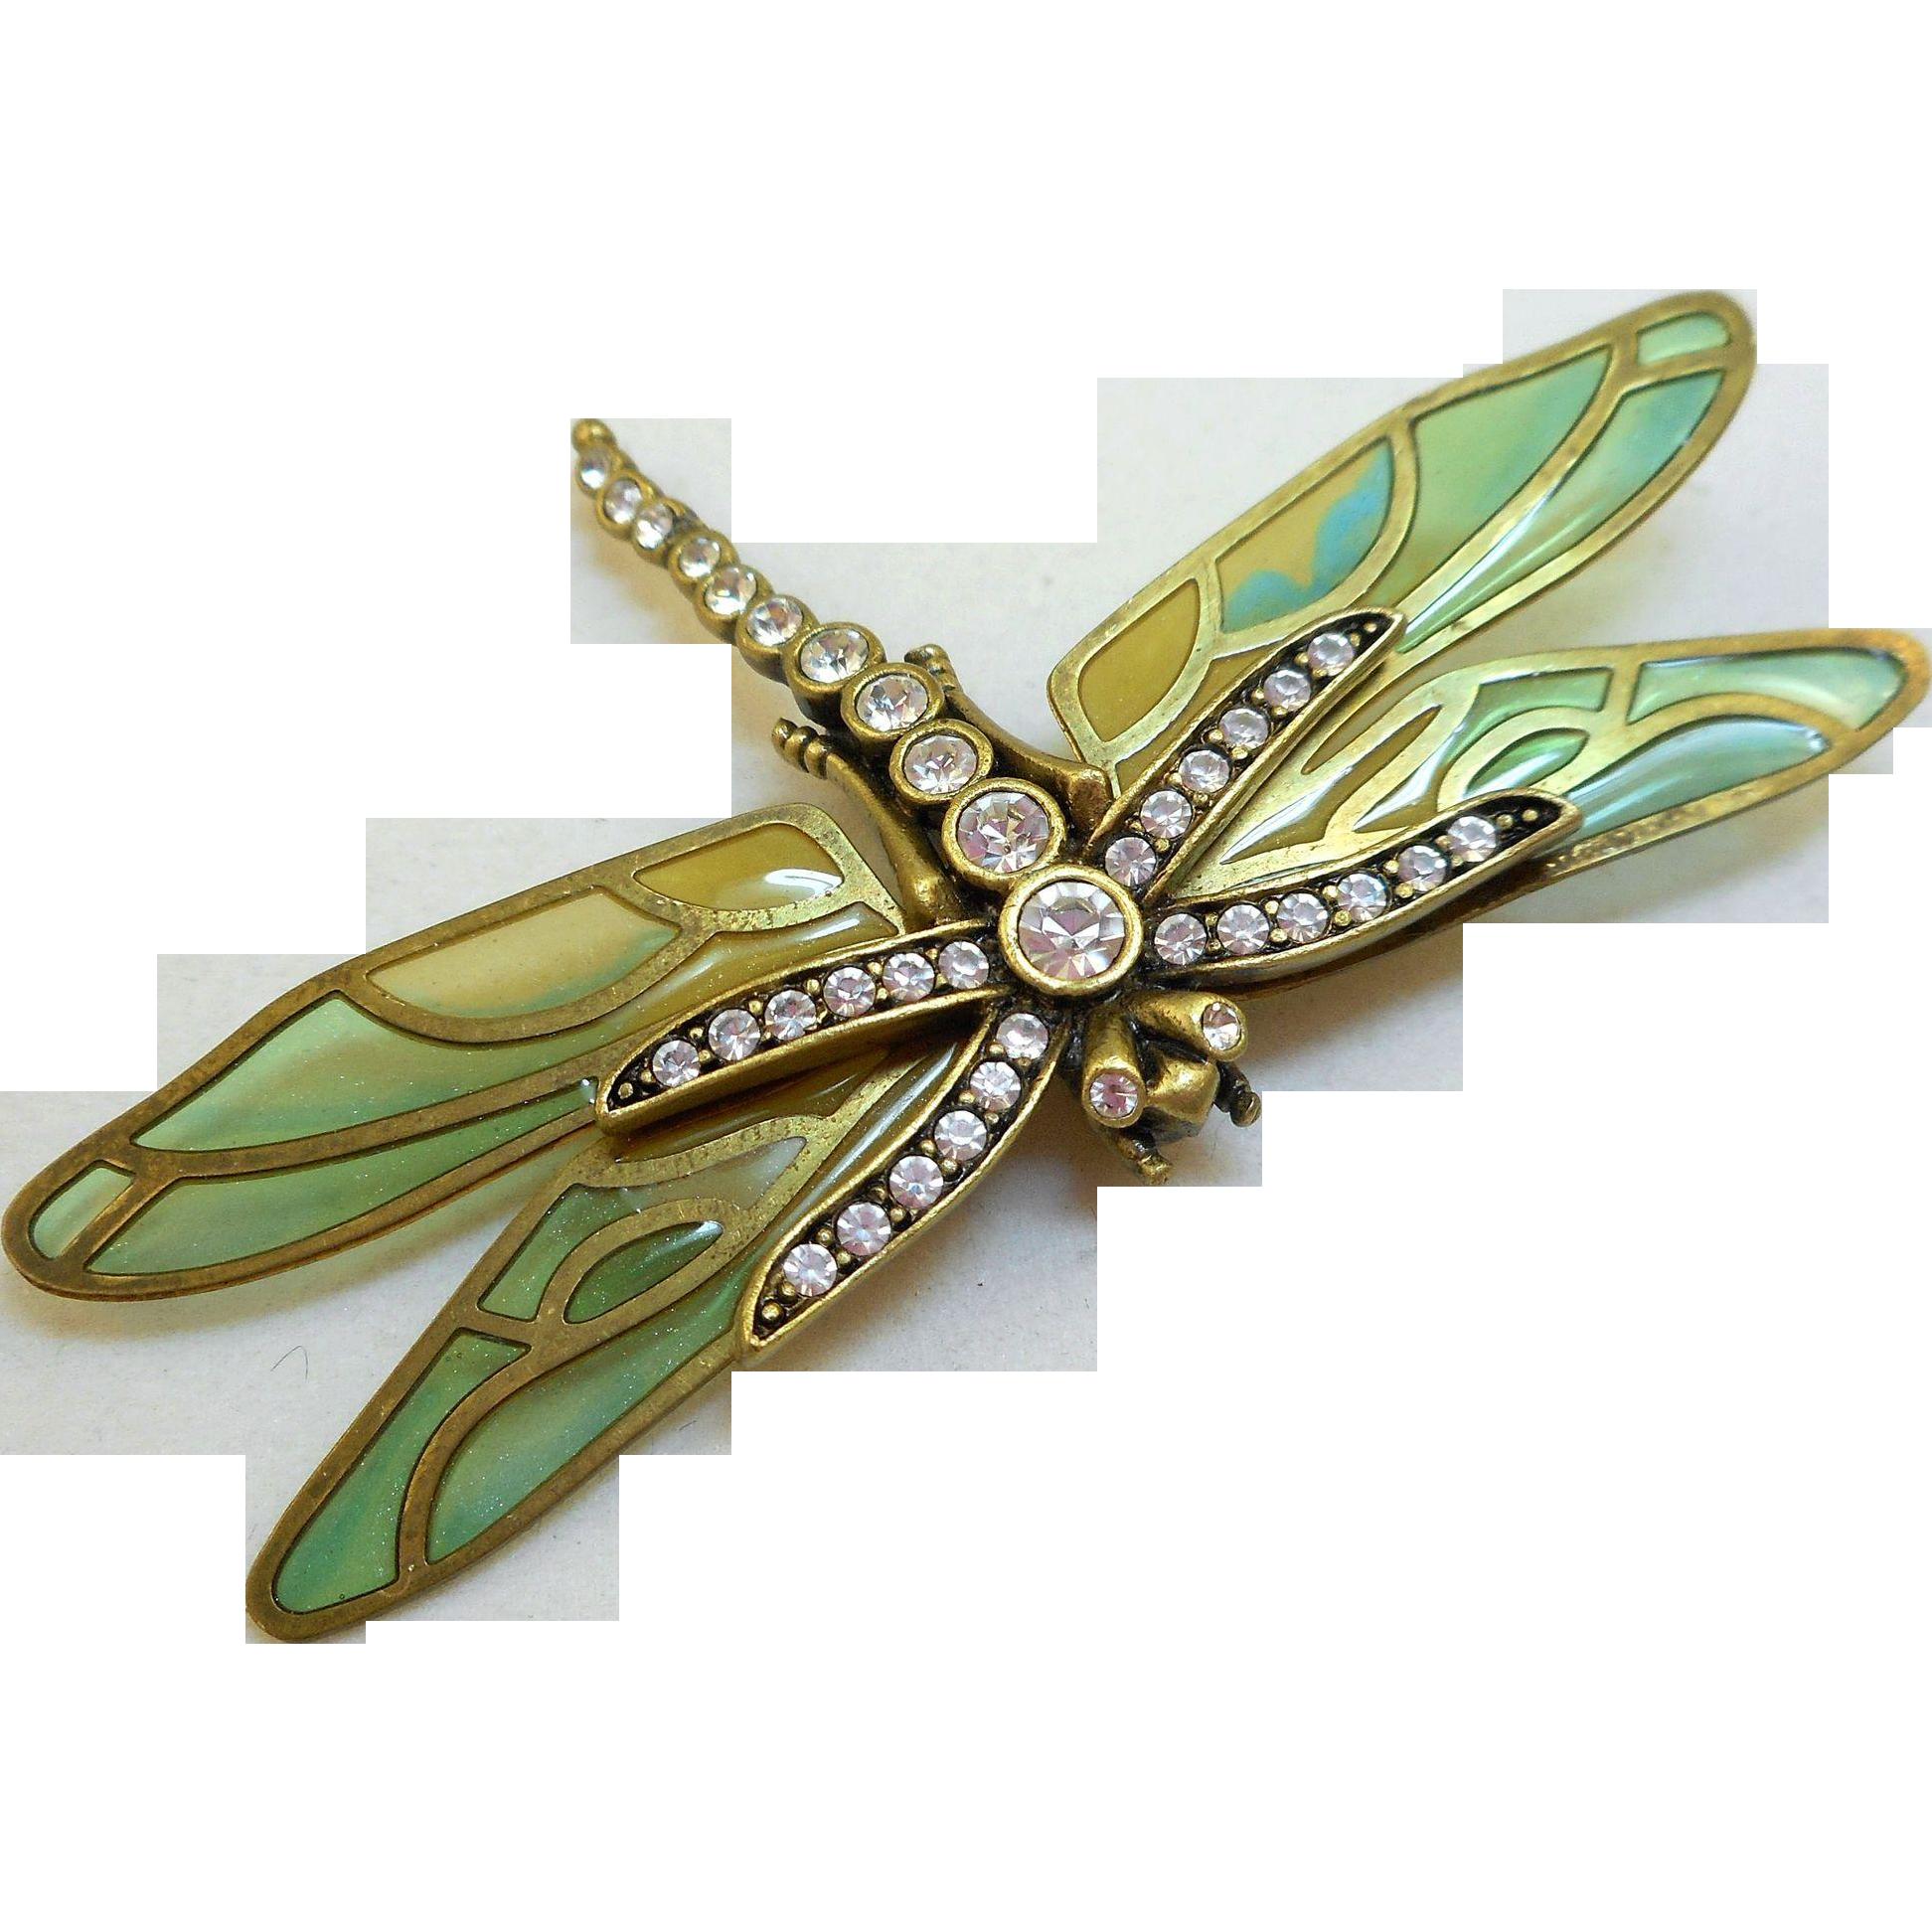 Kenneth J Lane Dragonfly Brooch